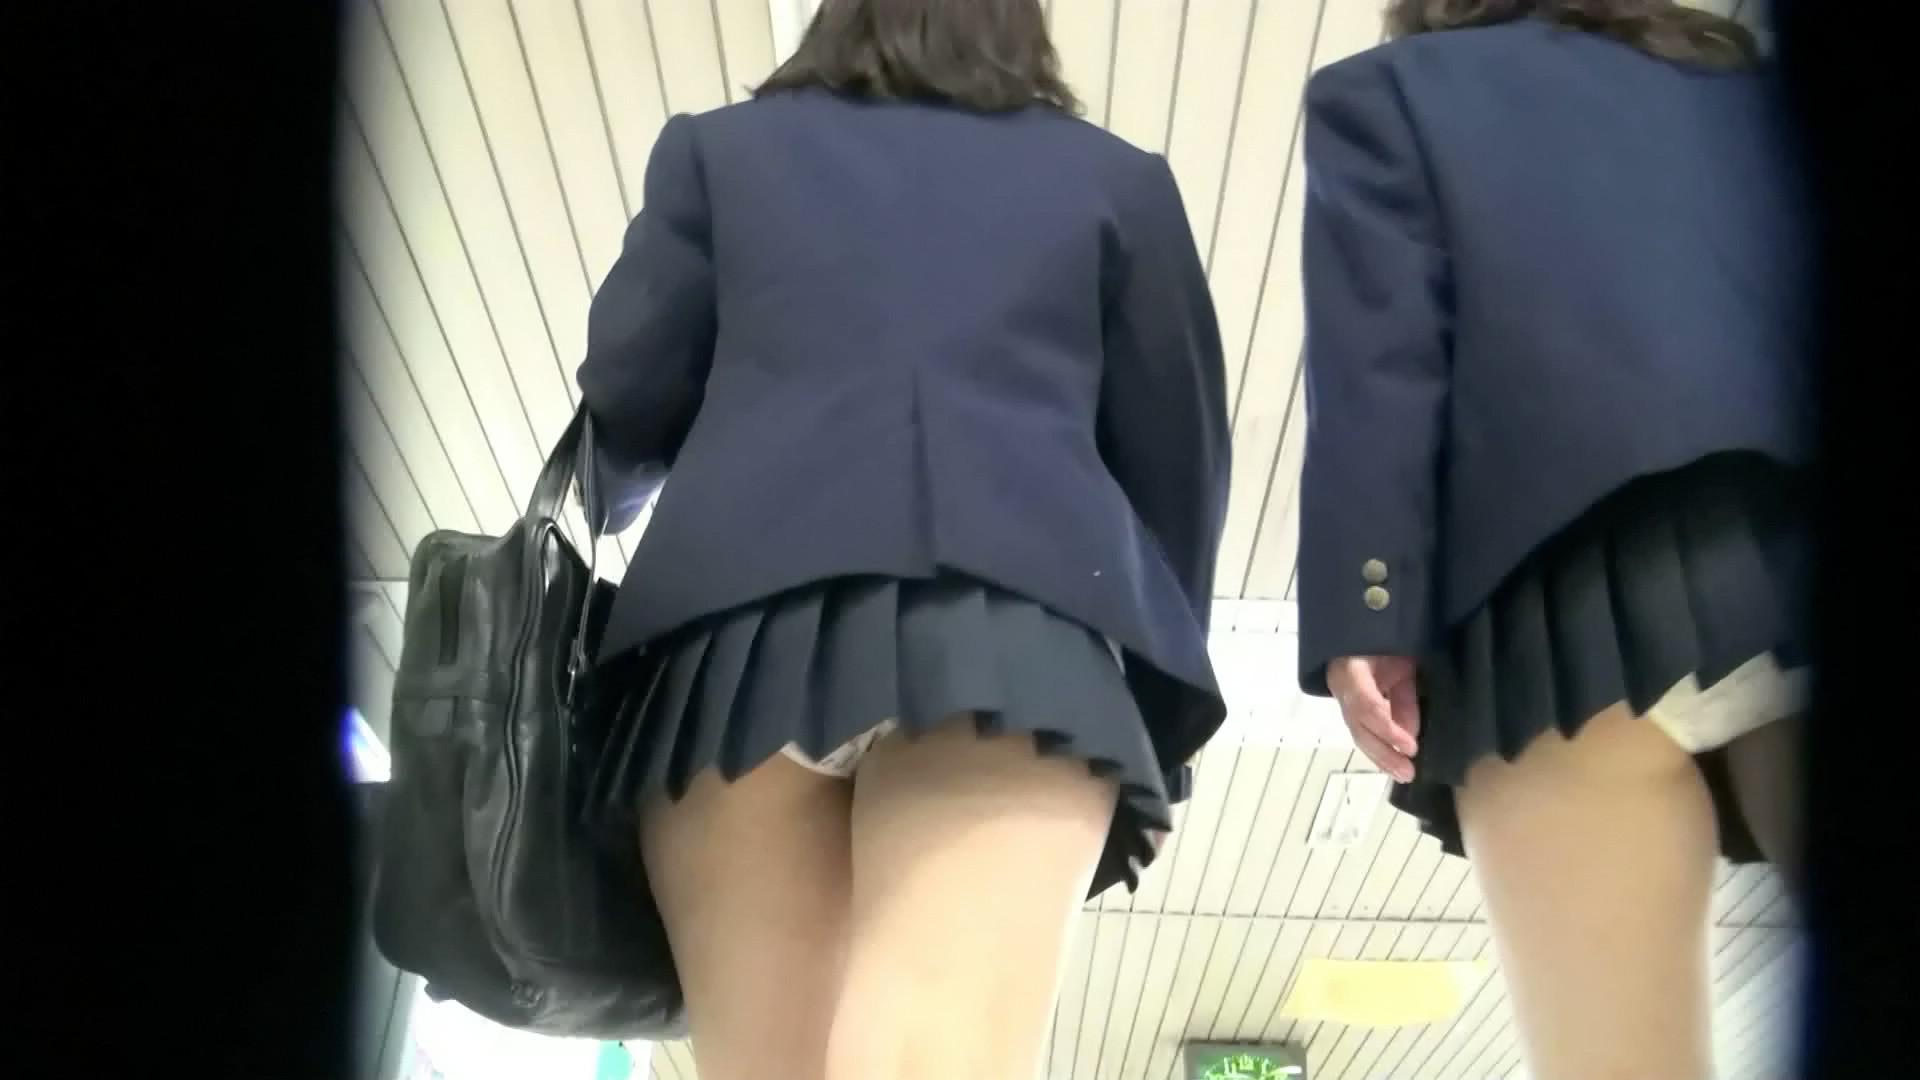 パンツも太ももも可愛い女子高生に萌えるwwwwwww XzuOi4D